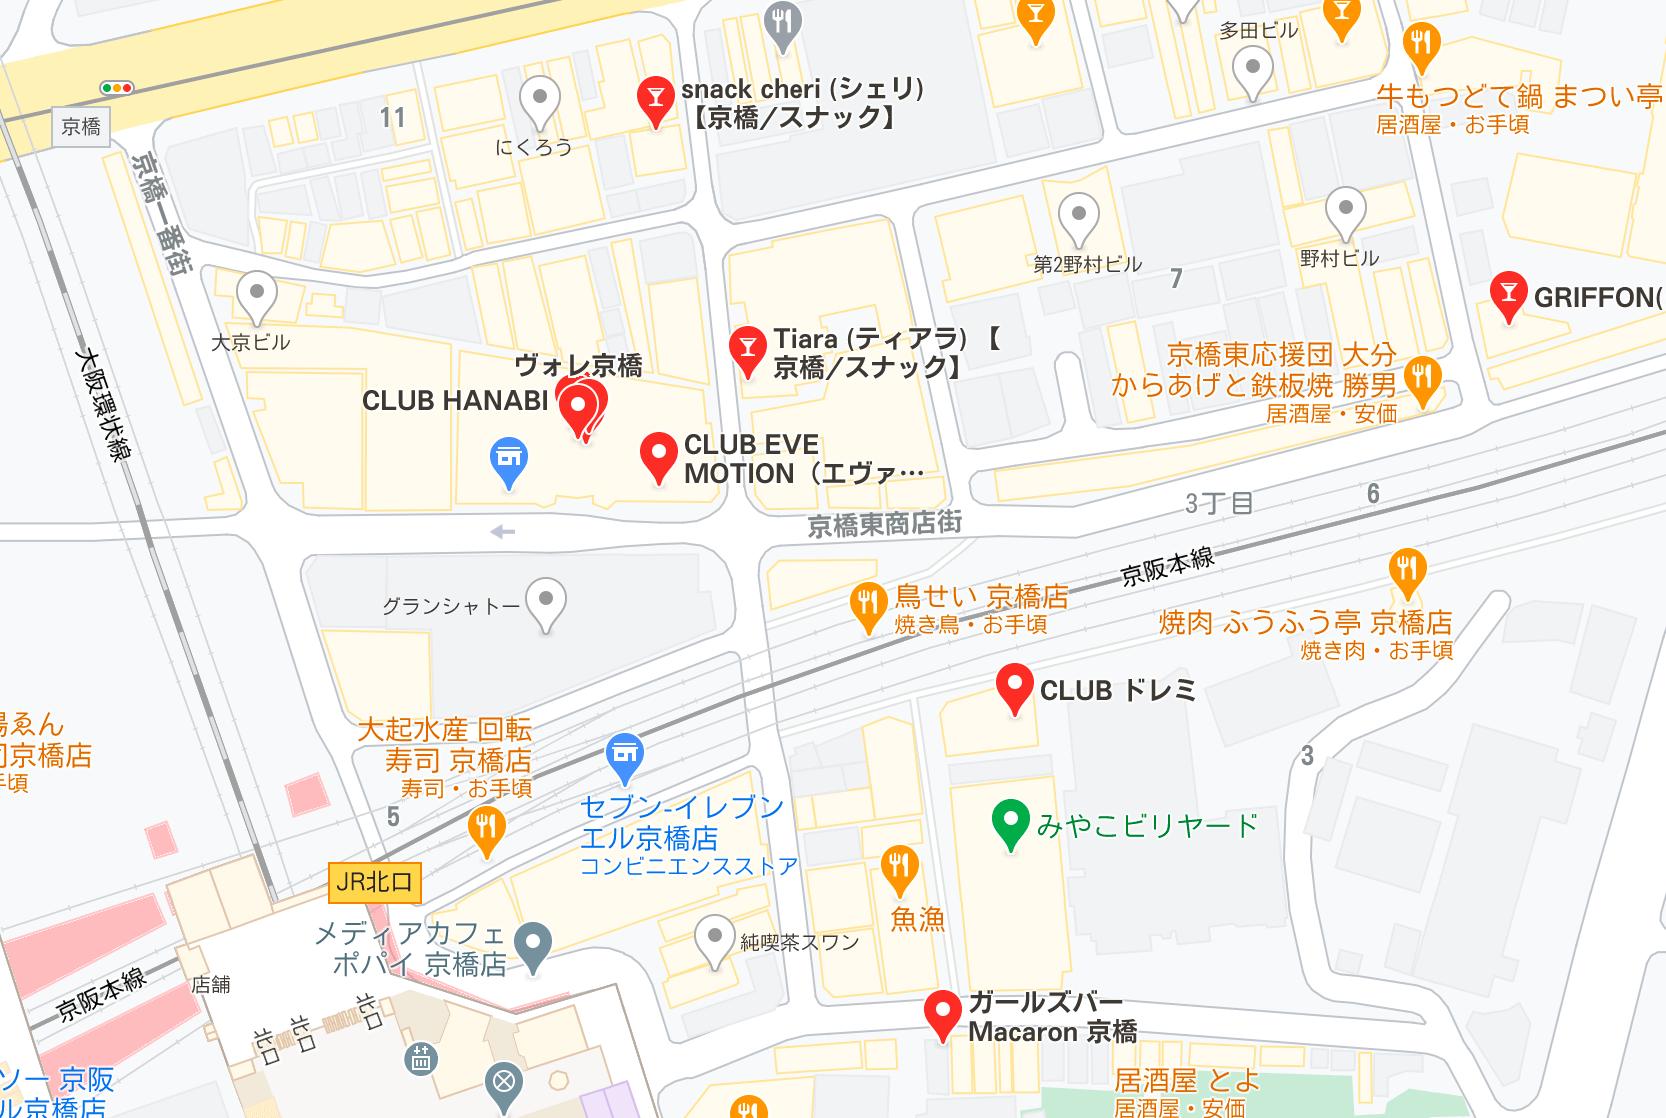 京橋 キャバクラ